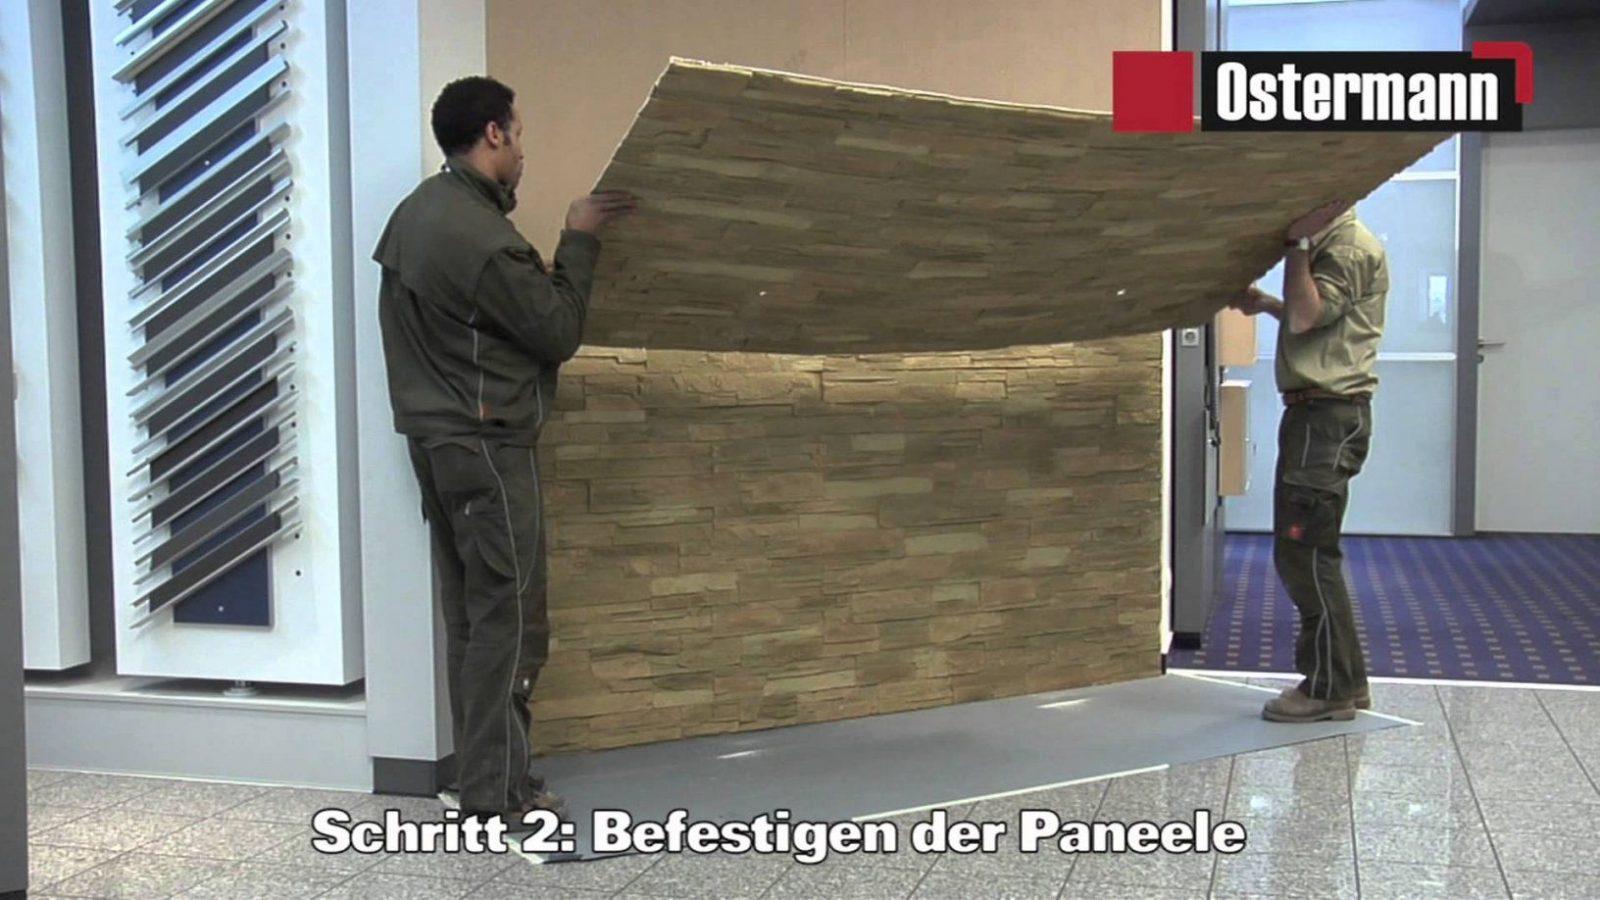 Ostermann  Gfksteinpaneele  Verarbeitungsvideo  Youtube von Wandverkleidung Steinoptik Kunststoff Innen Bild